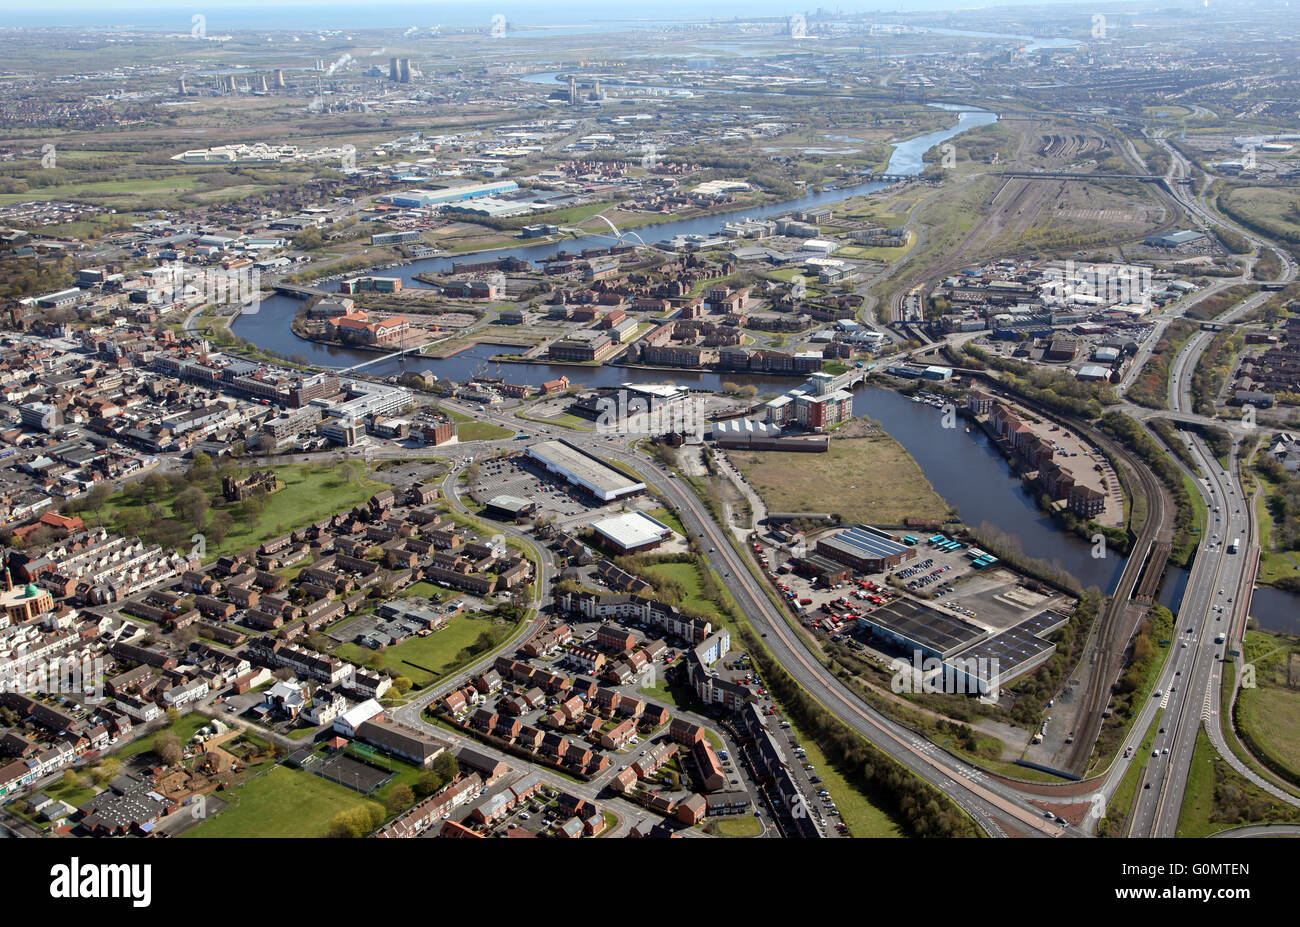 Vue aérienne de Stockton-on-Tees avec l'A66 & fleuve Tees proéminents, UK Banque D'Images